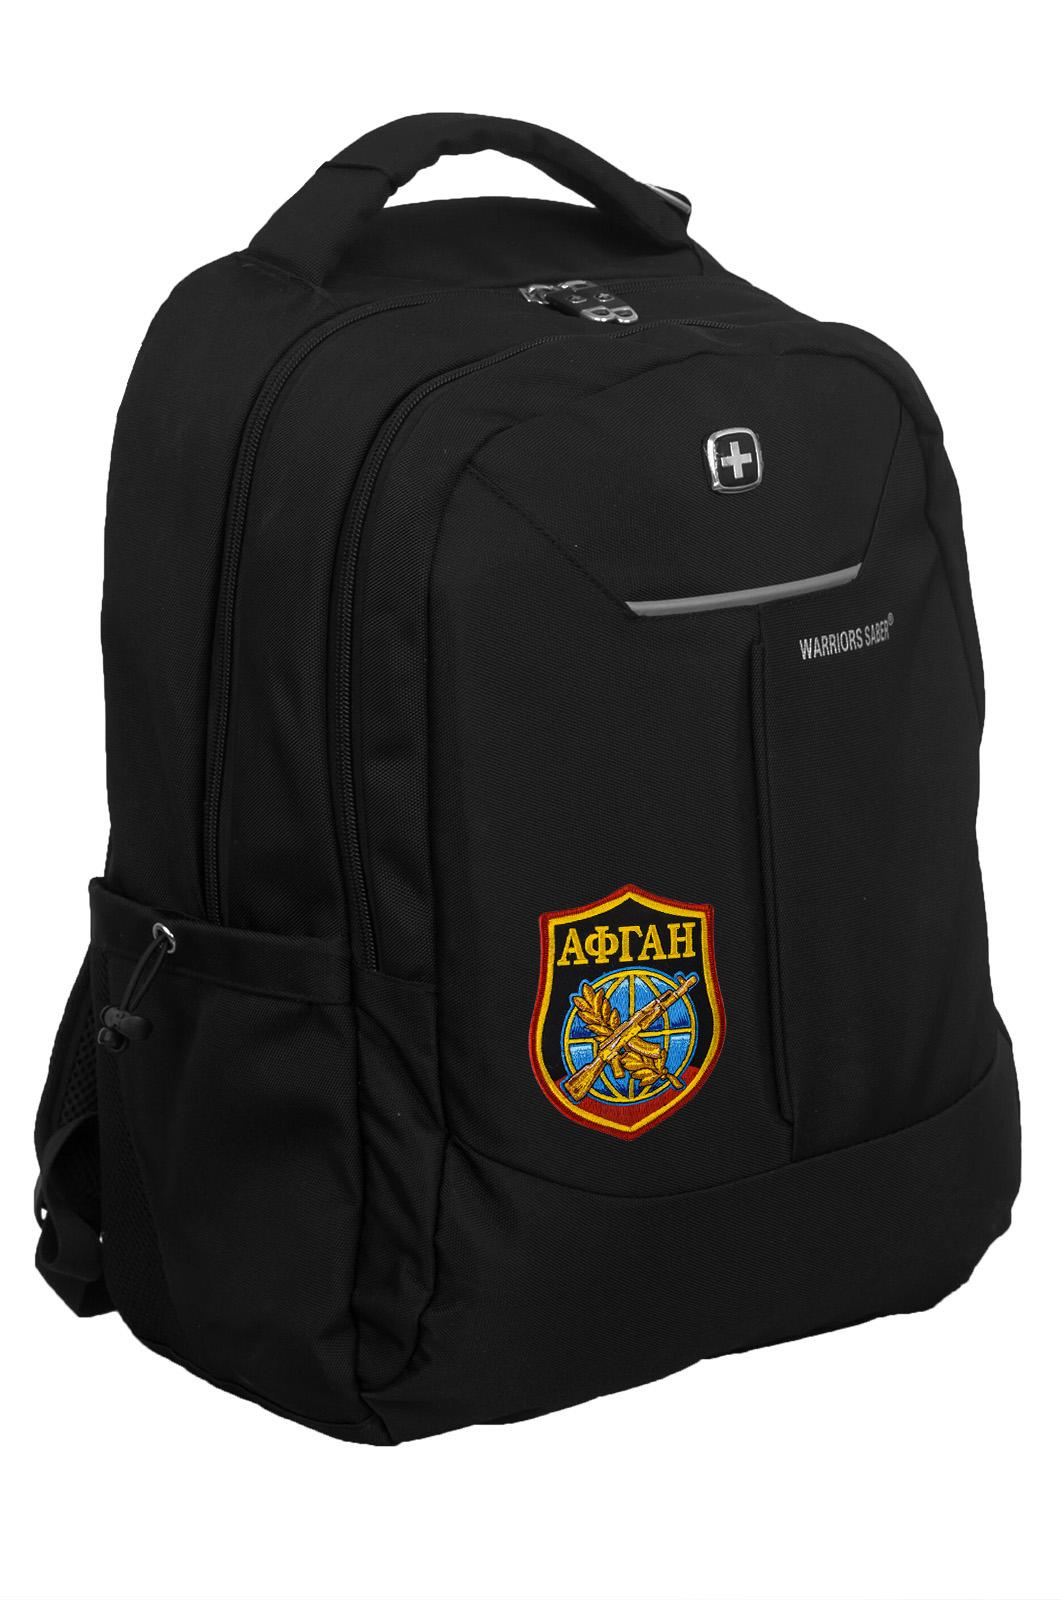 Черный мужской рюкзак с нашивкой АФГАН - заказать онлайн